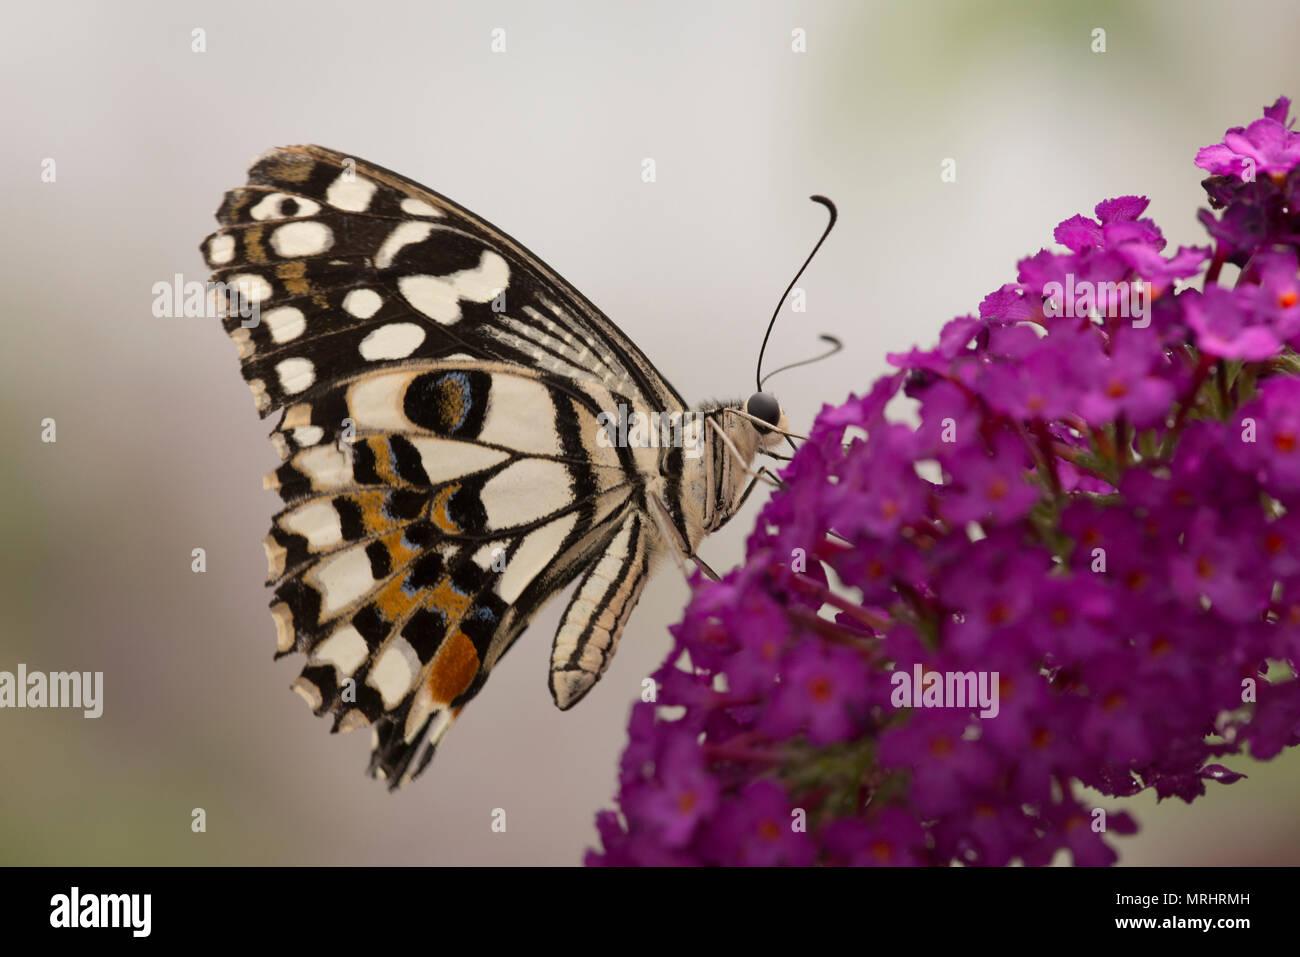 Lime, butterfly Papilio demoleus. Noto anche come il limone butterfly, calce a coda di rondine e a coda di rondine a scacchi. Immagini Stock